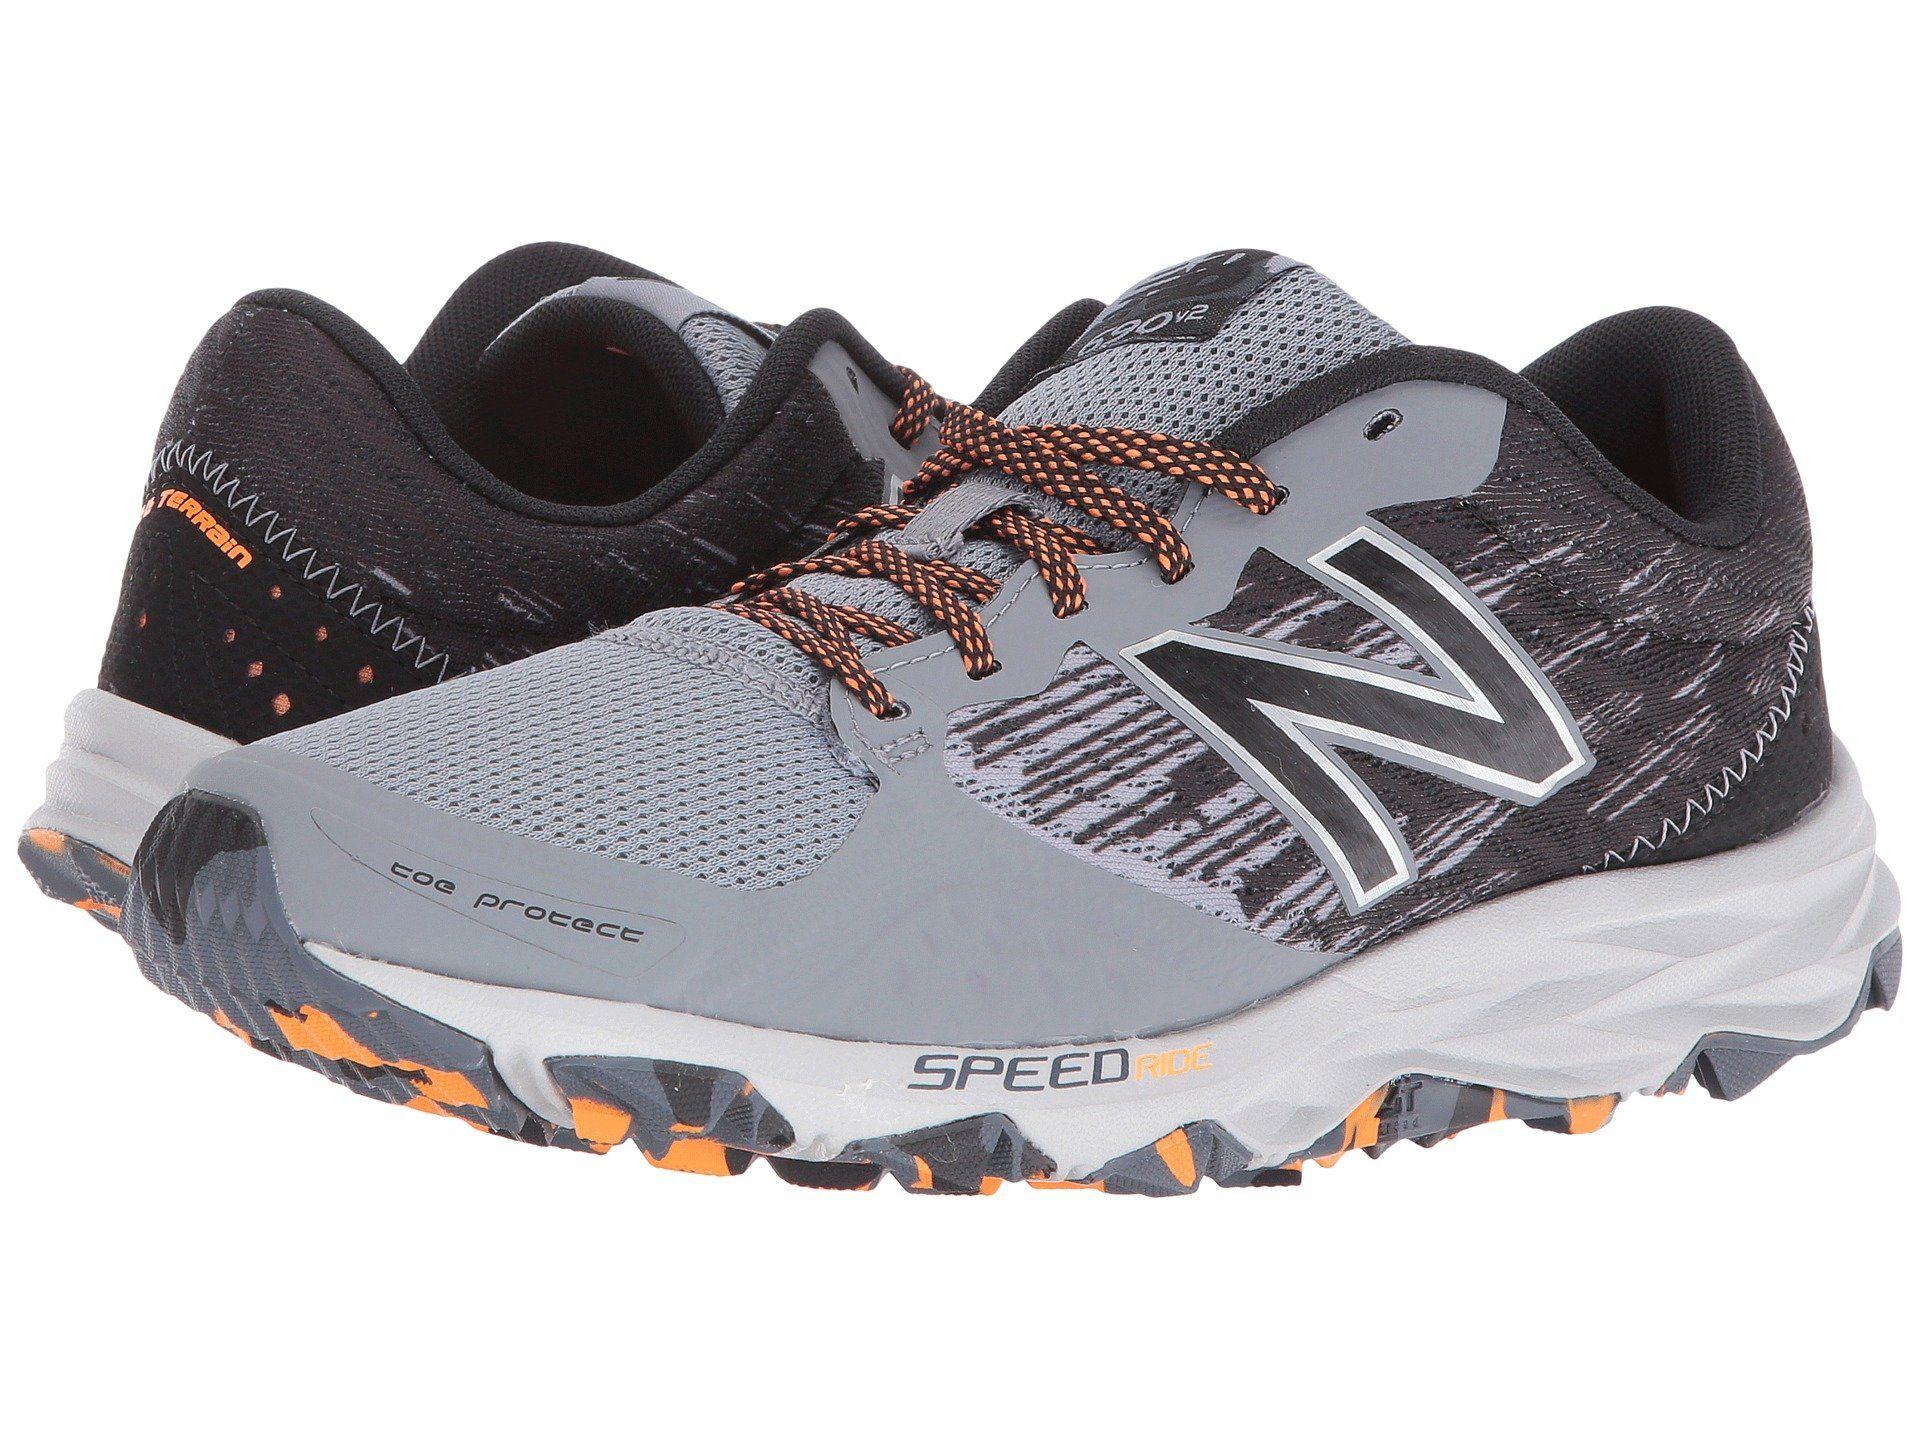 New Balance Speed Ride Men's Running Shoes Gunmetal/Black/Plasma